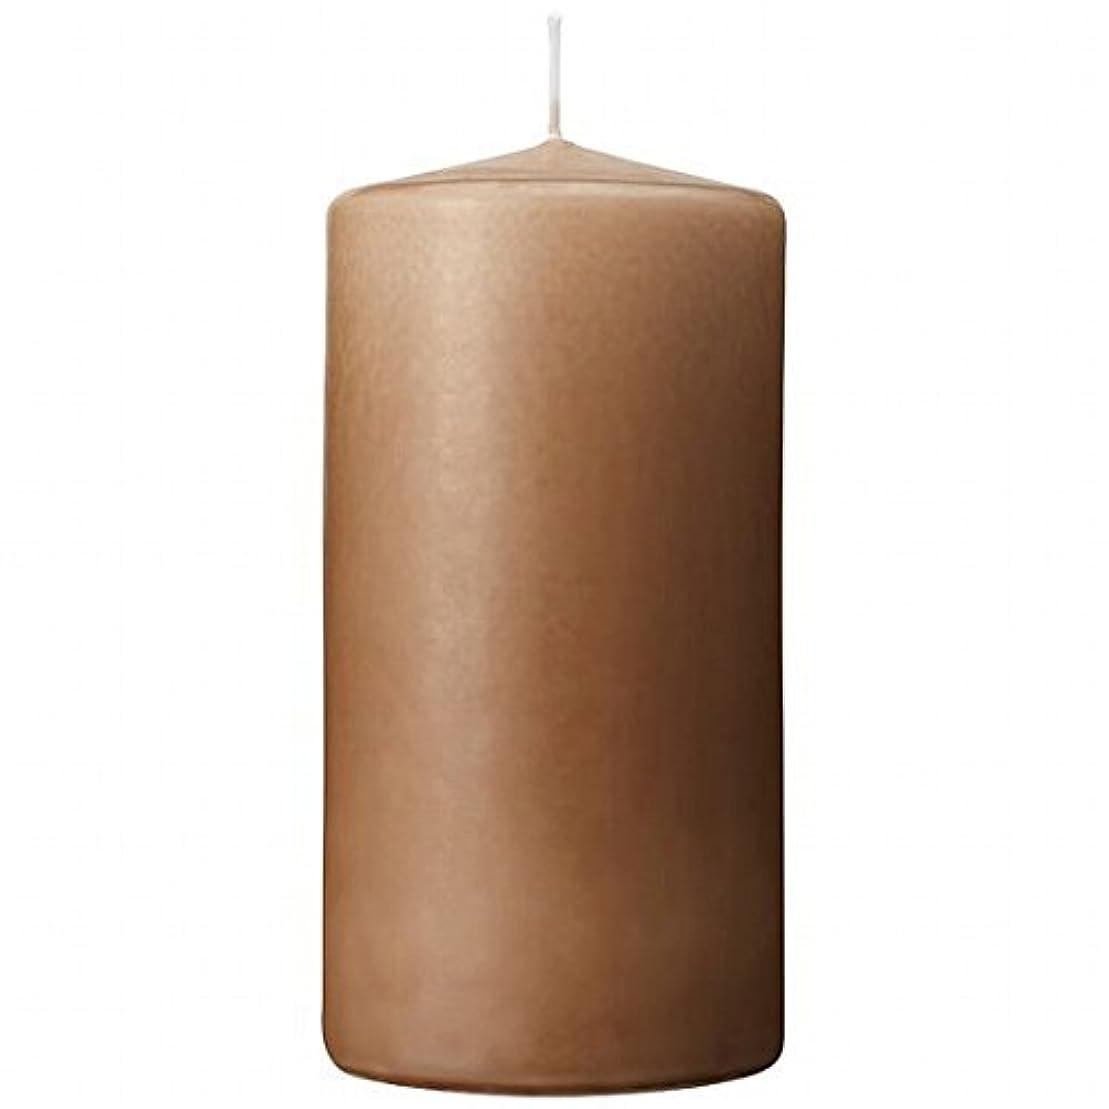 壁紙お勧め誰のカメヤマキャンドル(kameyama candle) 3×6ベルトップピラーキャンドル 「 モカ 」